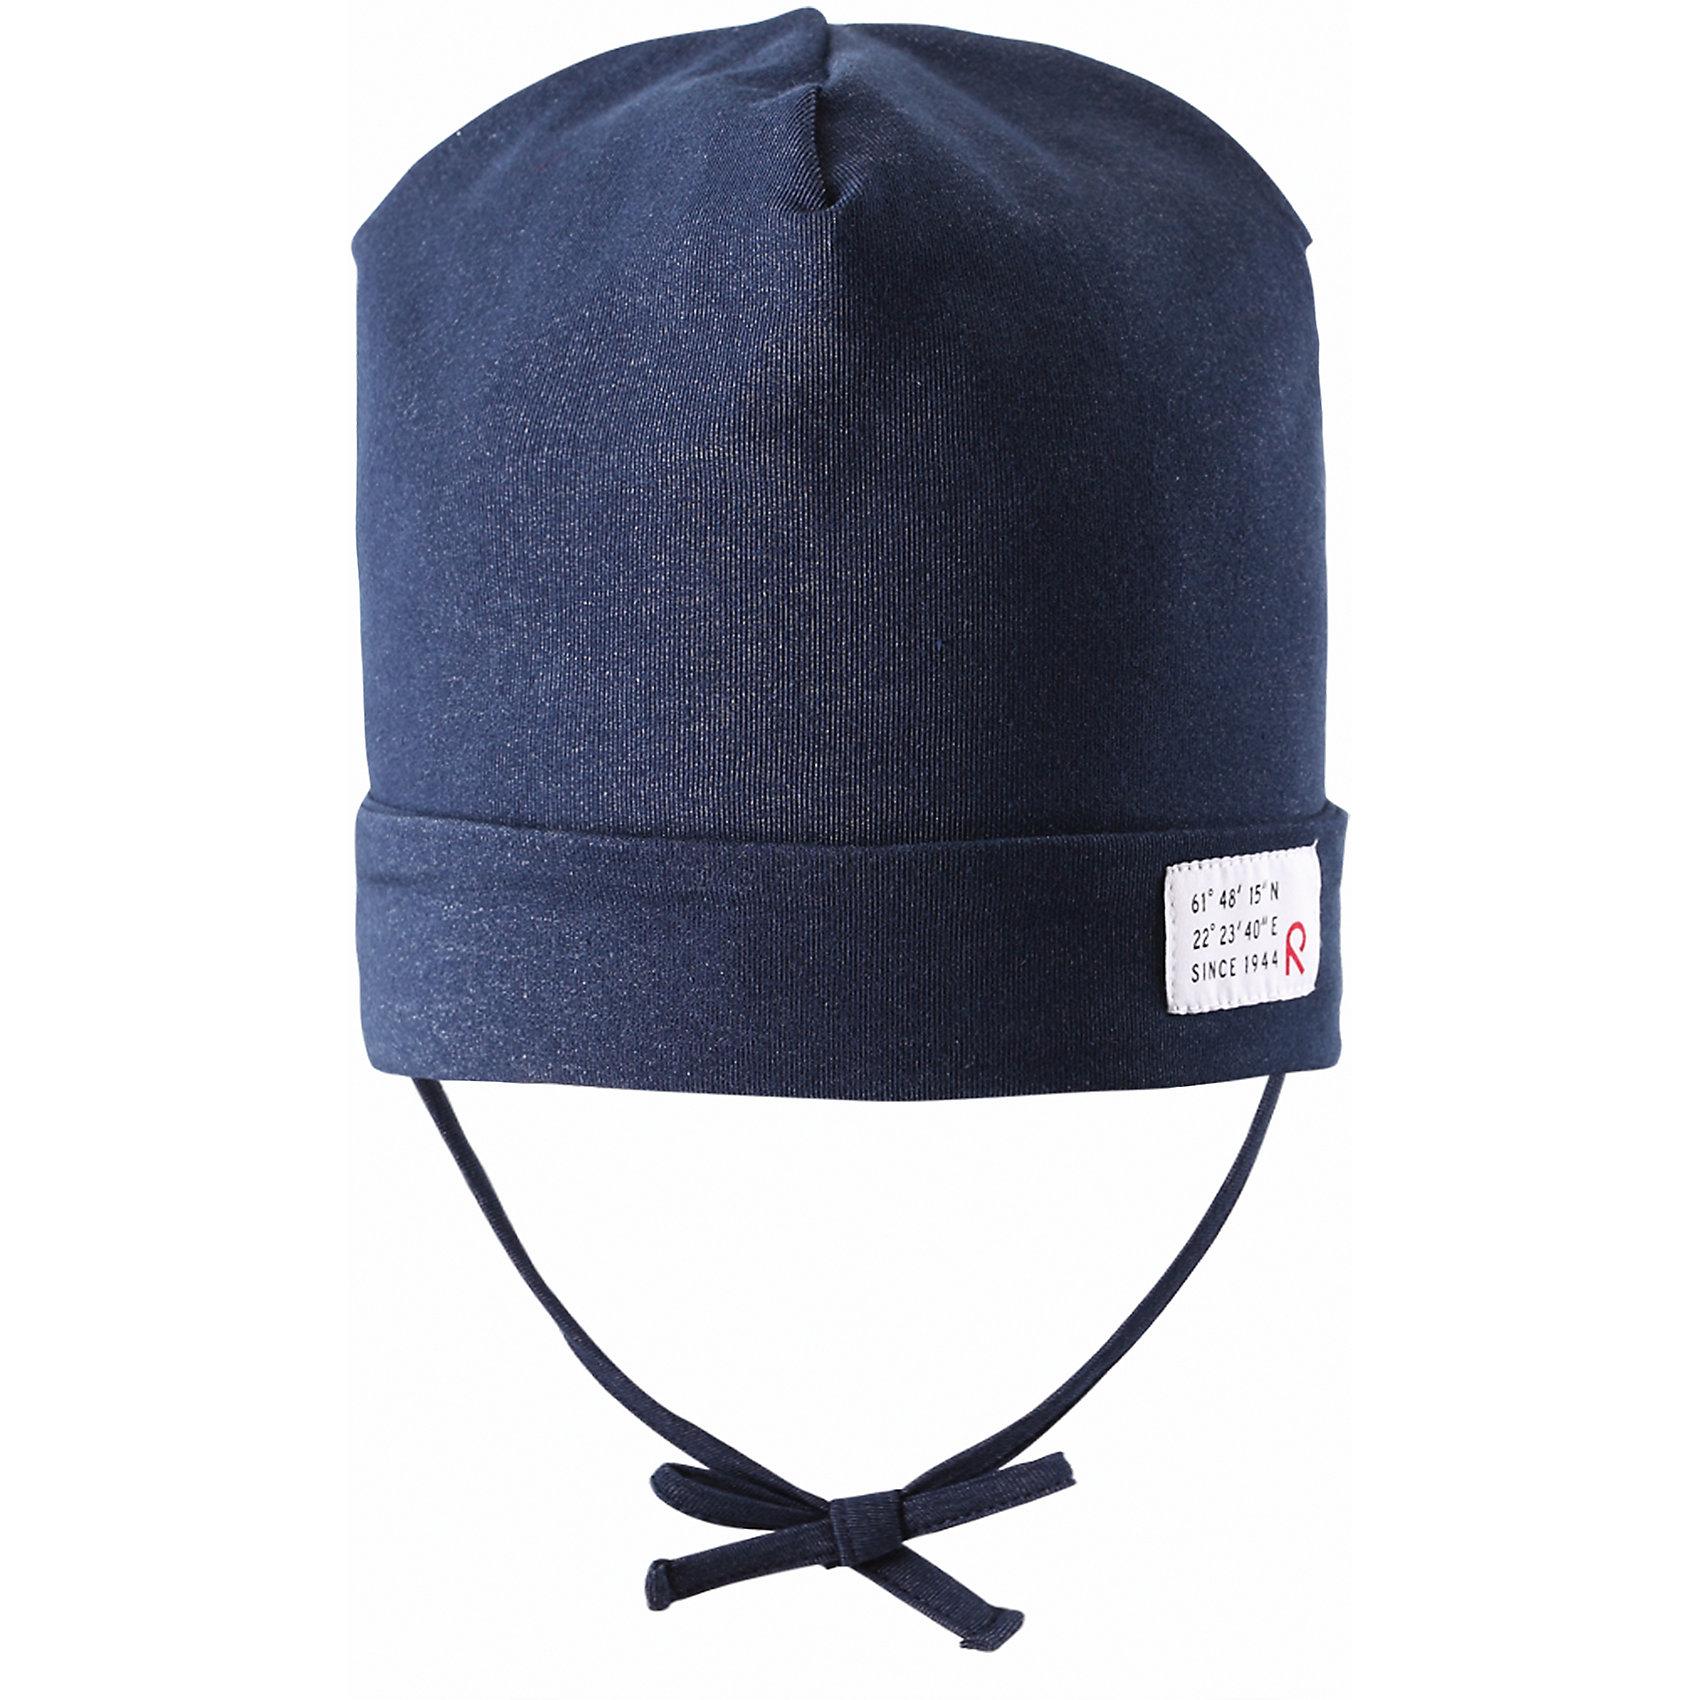 Шапка для мальчика ReimaВесна пришла! А к весне мы подготовили эту легкую шапочку для малышей свежей расцветки с УФ-защитой 40+. Шапочка изготовлена из дышащего и быстросохнущего материла Play Jersey®, эффективно выводящего влагу с кожи. Идеальный выбор для активных прогулок на весеннем солнышке! <br><br>Дополнительная информация:<br><br>Трикотажная шапка «Бини» для малышей<br>Быстросохнущий материал Play Jersey, приятный на ощупь<br>Мягкий хлопчатобумажный верх, внутренняя поверхность хорошо выводит влагу<br>Фактор защиты от ультрафиолета 40+<br>Сплошная подкладка: отводящий влагу материал Play Jersey<br>Логотип Reima® сбоку<br>Состав:<br>65% ХЛ 30% ПЭ 5% ЭЛ<br>Уход:<br>Стирать с бельем одинакового цвета, вывернув наизнанку. Полоскать без специального средства. Придать первоначальную форму вo влажном виде.<br><br>Ширина мм: 89<br>Глубина мм: 117<br>Высота мм: 44<br>Вес г: 155<br>Цвет: синий<br>Возраст от месяцев: 9<br>Возраст до месяцев: 12<br>Пол: Мужской<br>Возраст: Детский<br>Размер: 48,50,52,46<br>SKU: 4497786